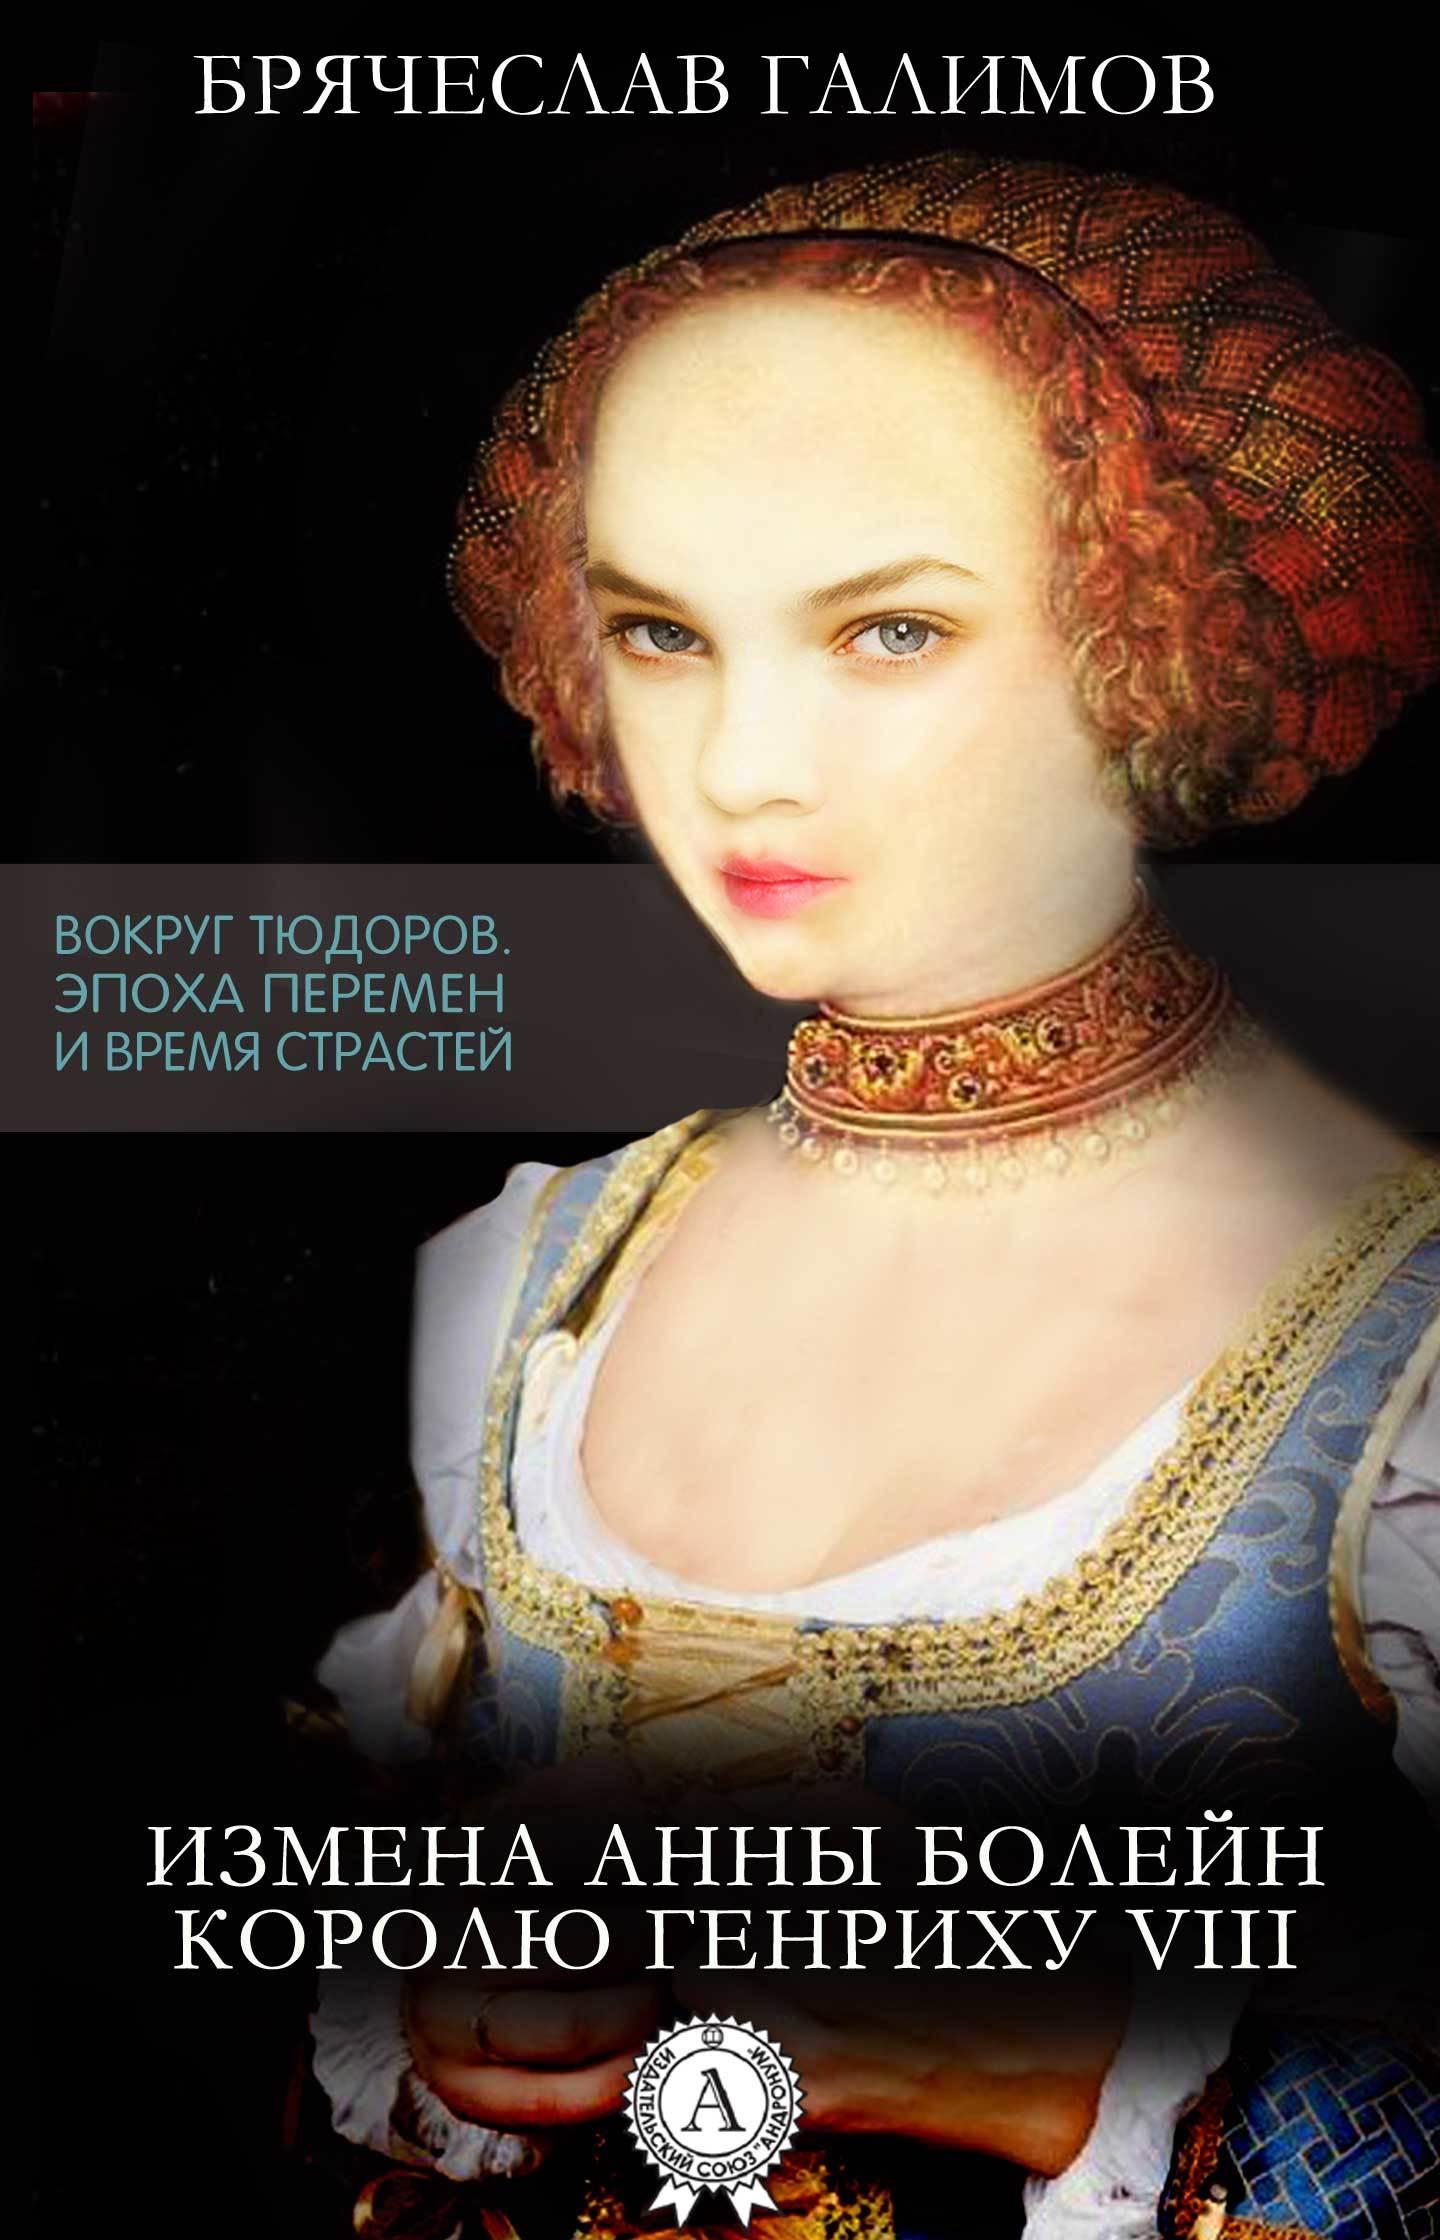 Галимов Брячеслав «Измена Анны Болейн королю Генриху VIII»